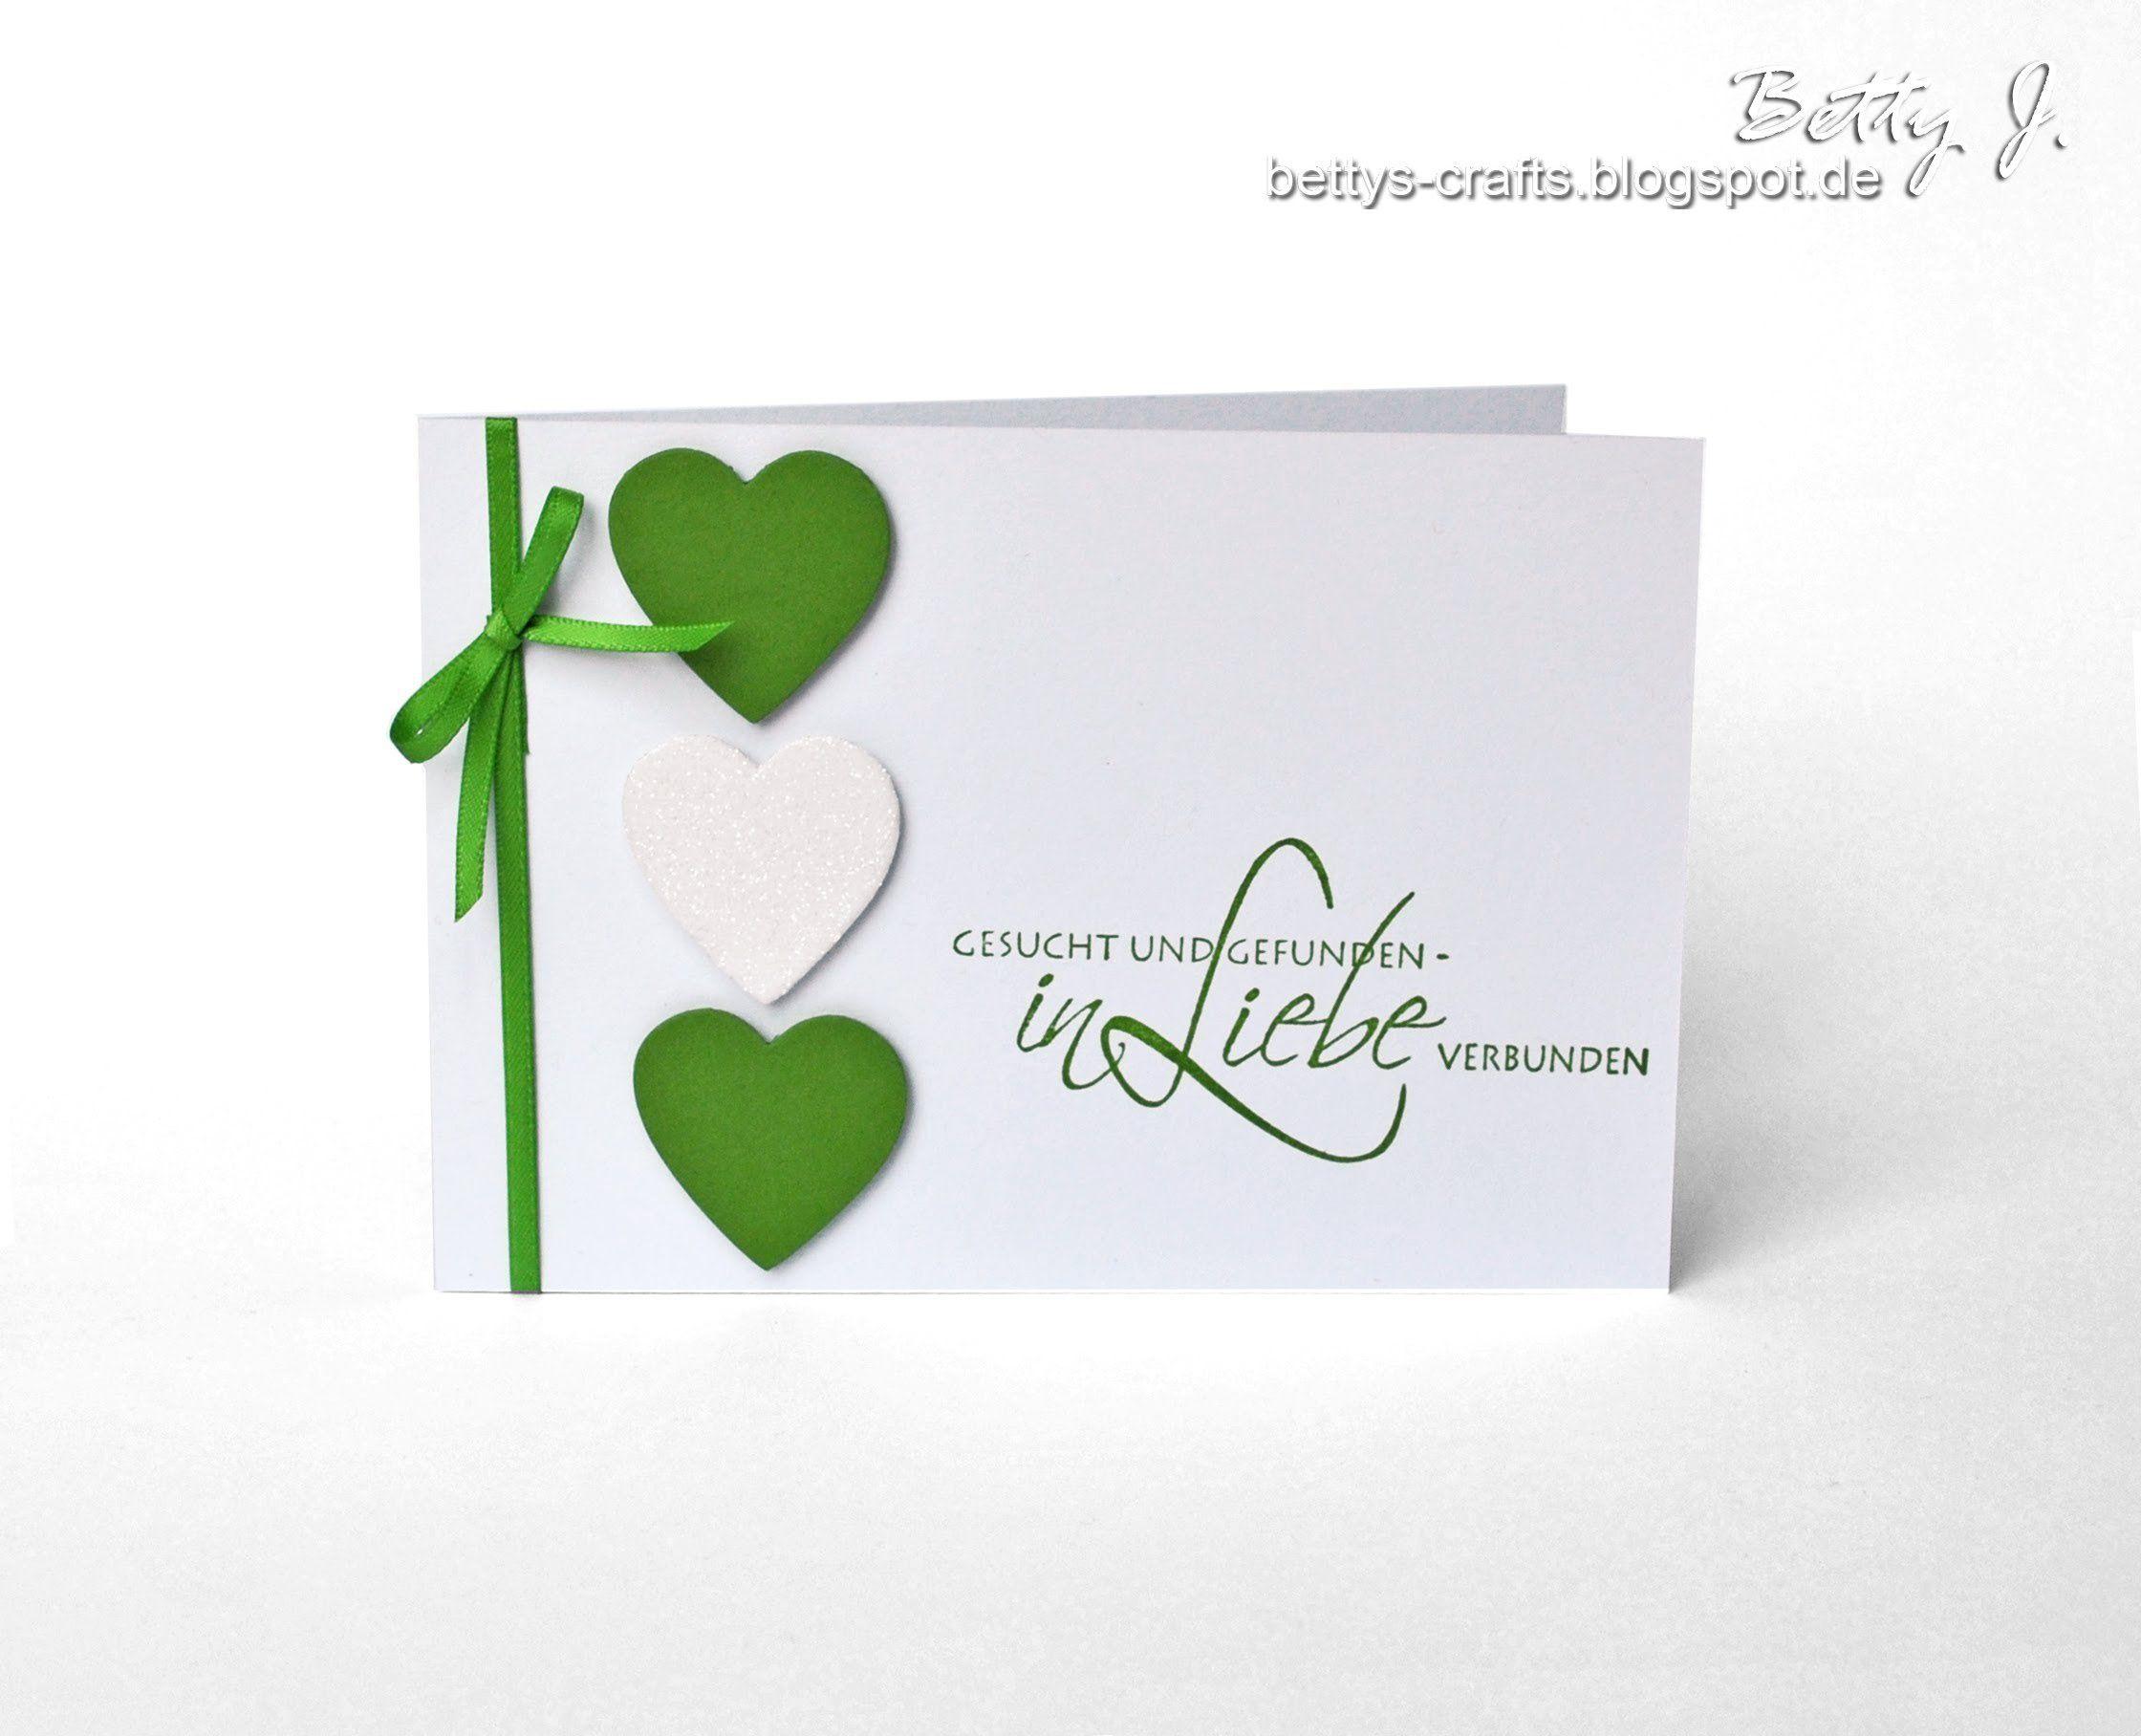 Hochzeitskarten Selber Gestalten Und Drucken Lassen